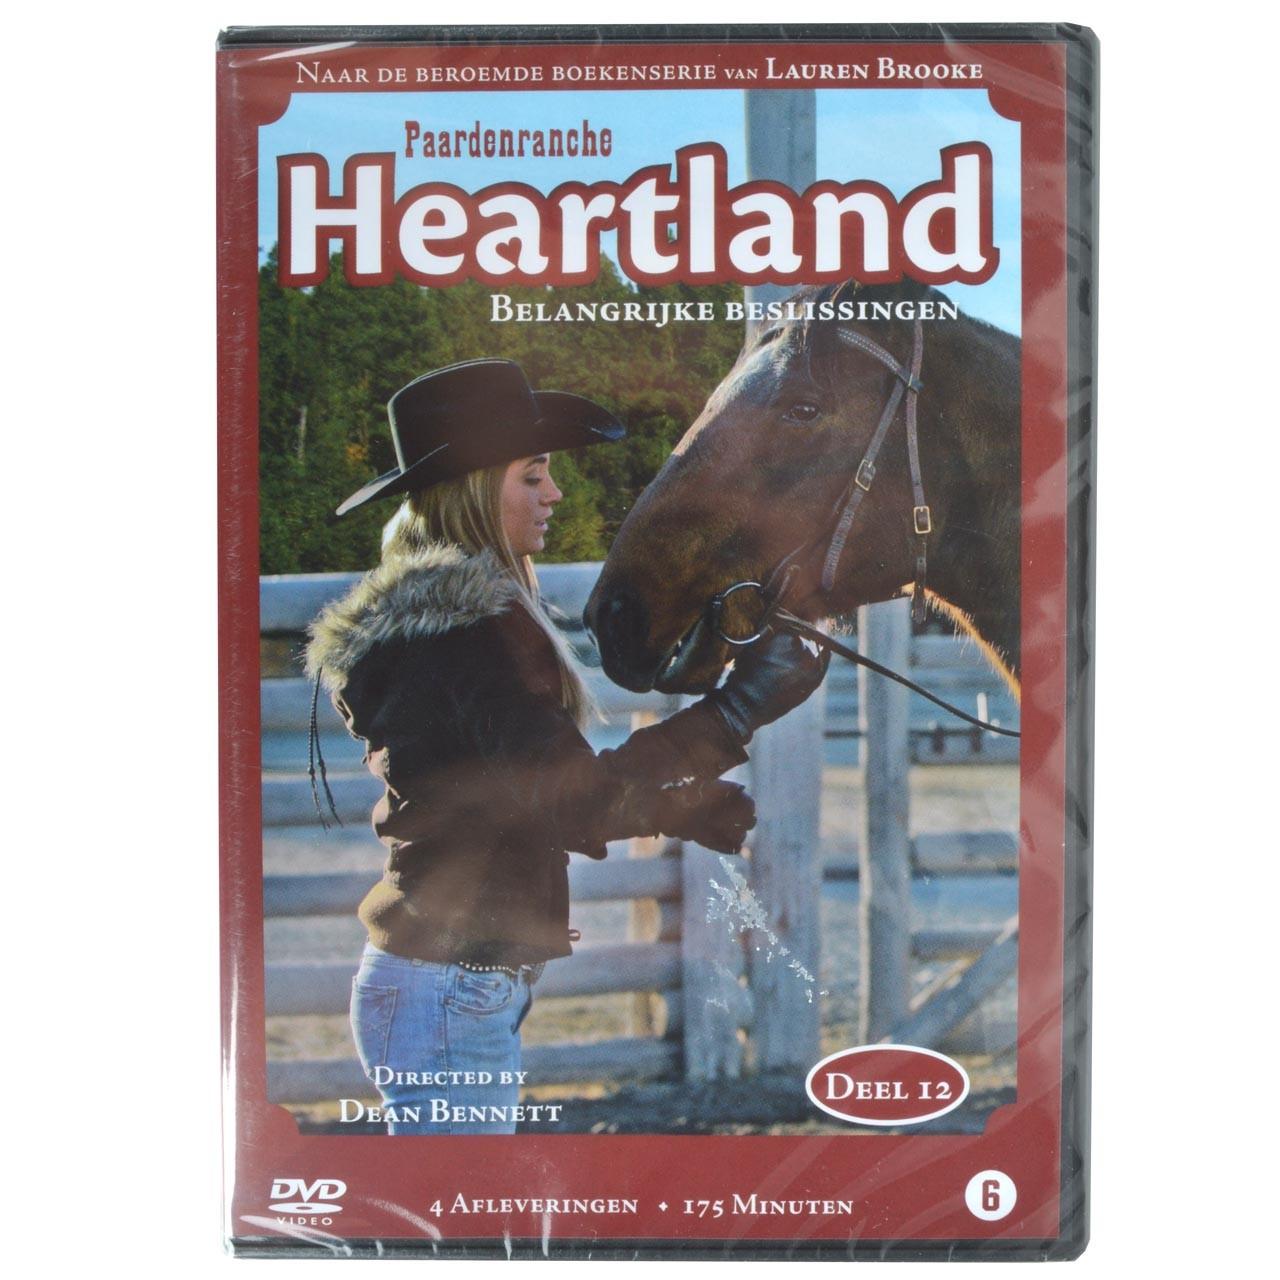 DVD:Heartland; Belangrijke beslissingen